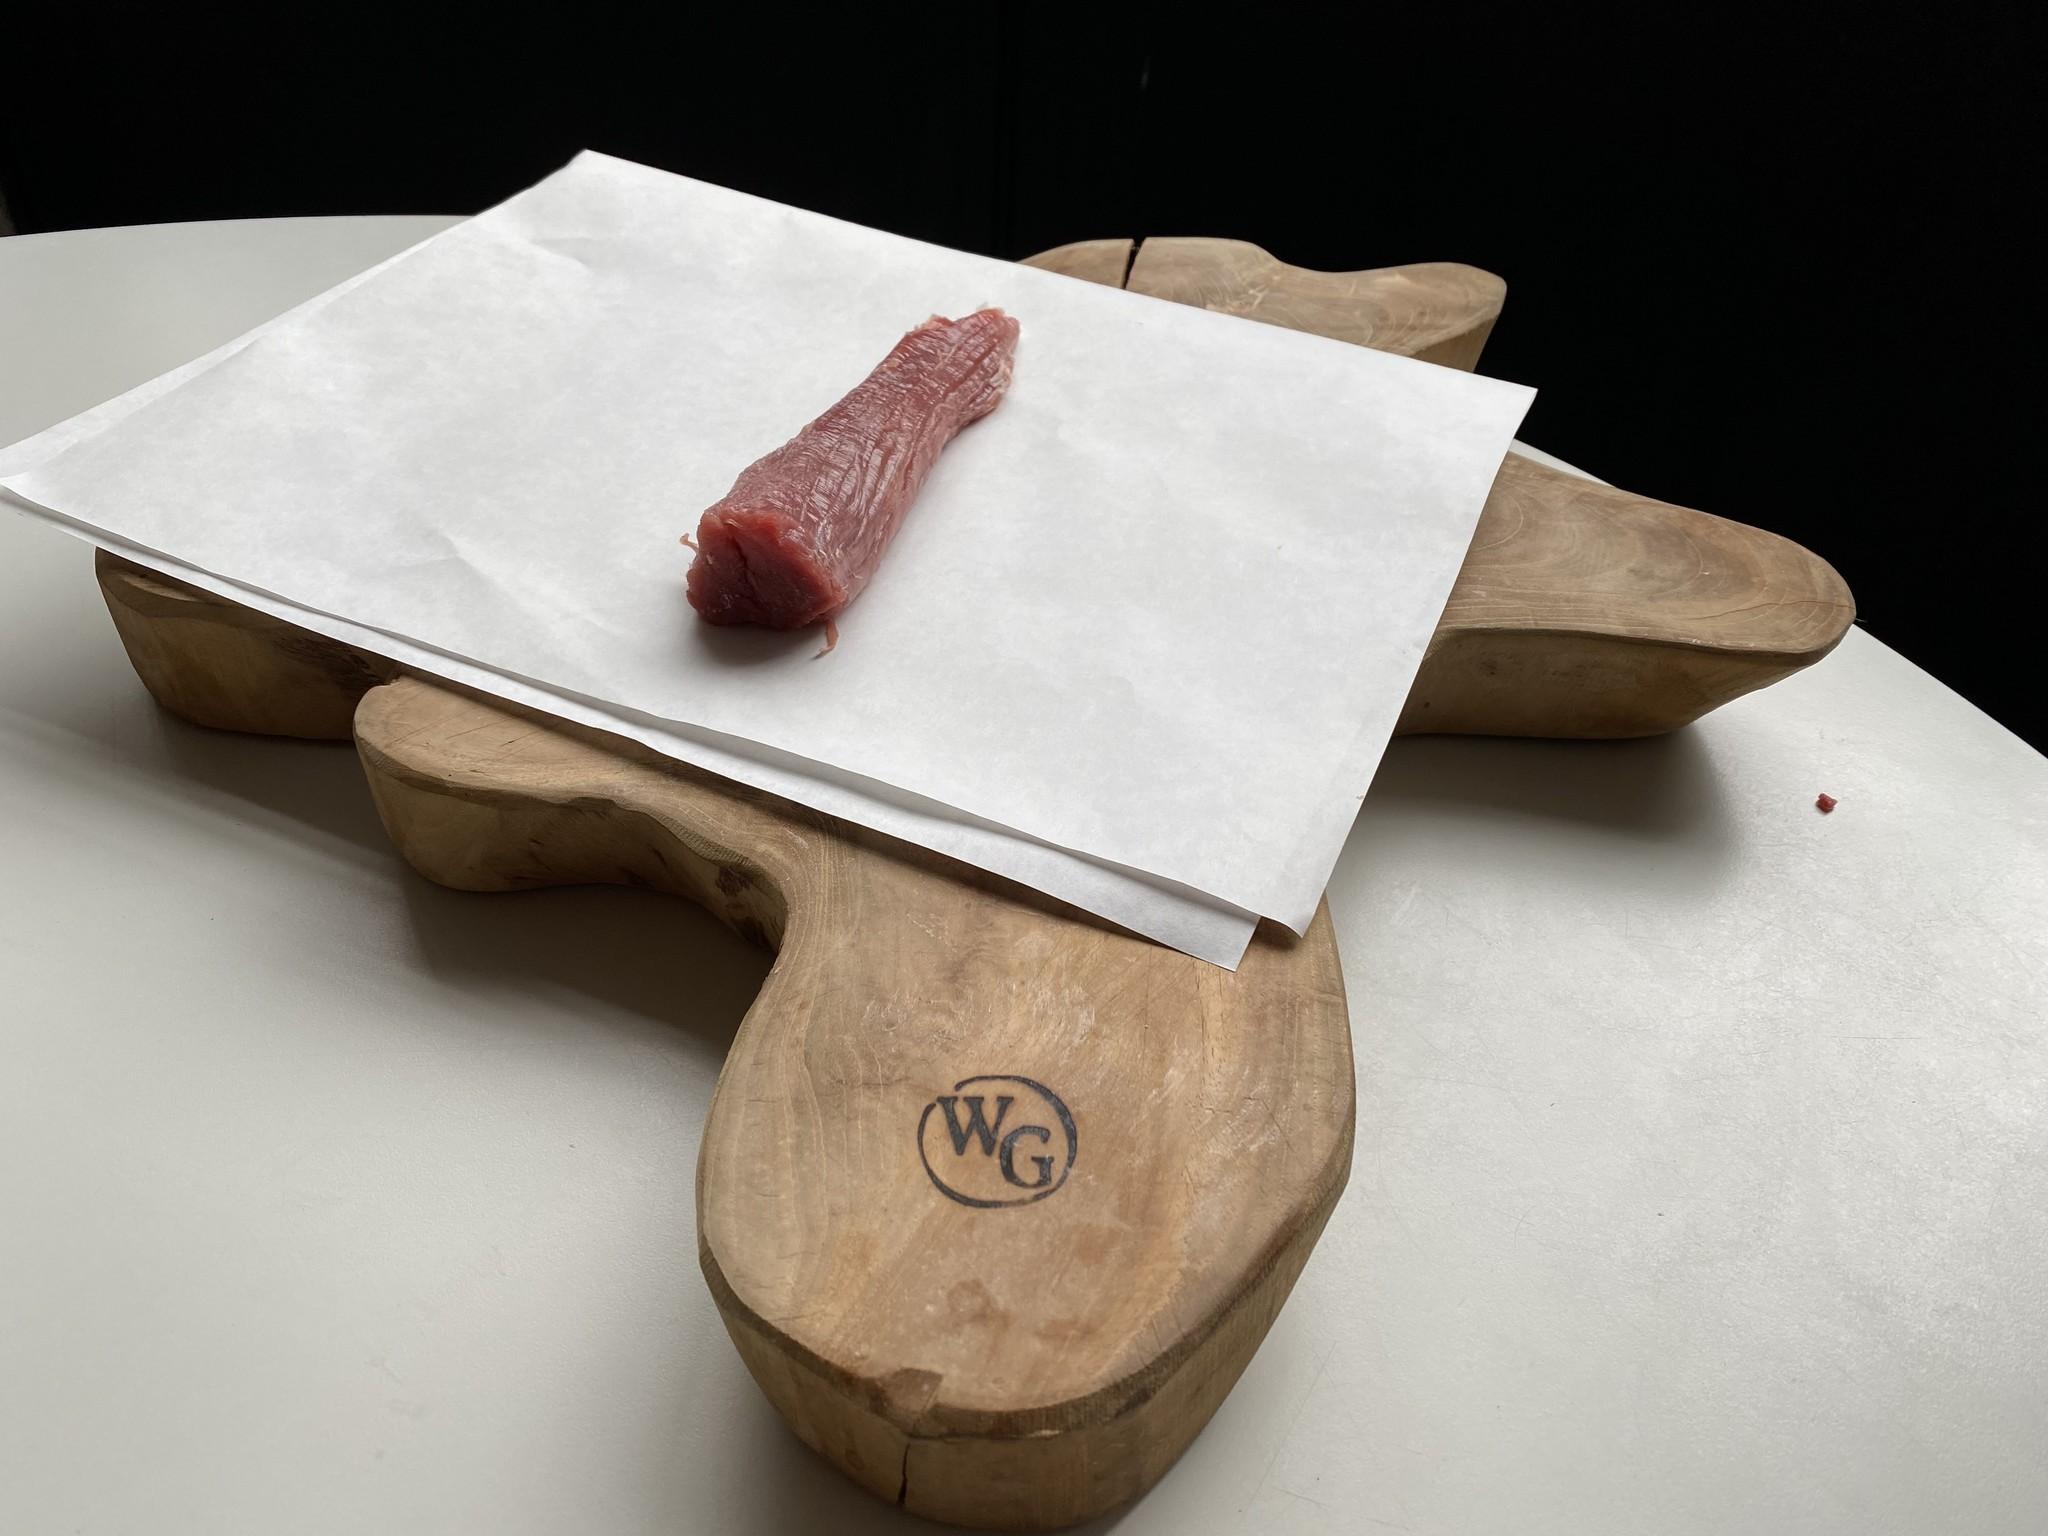 Biologische varkenshaas